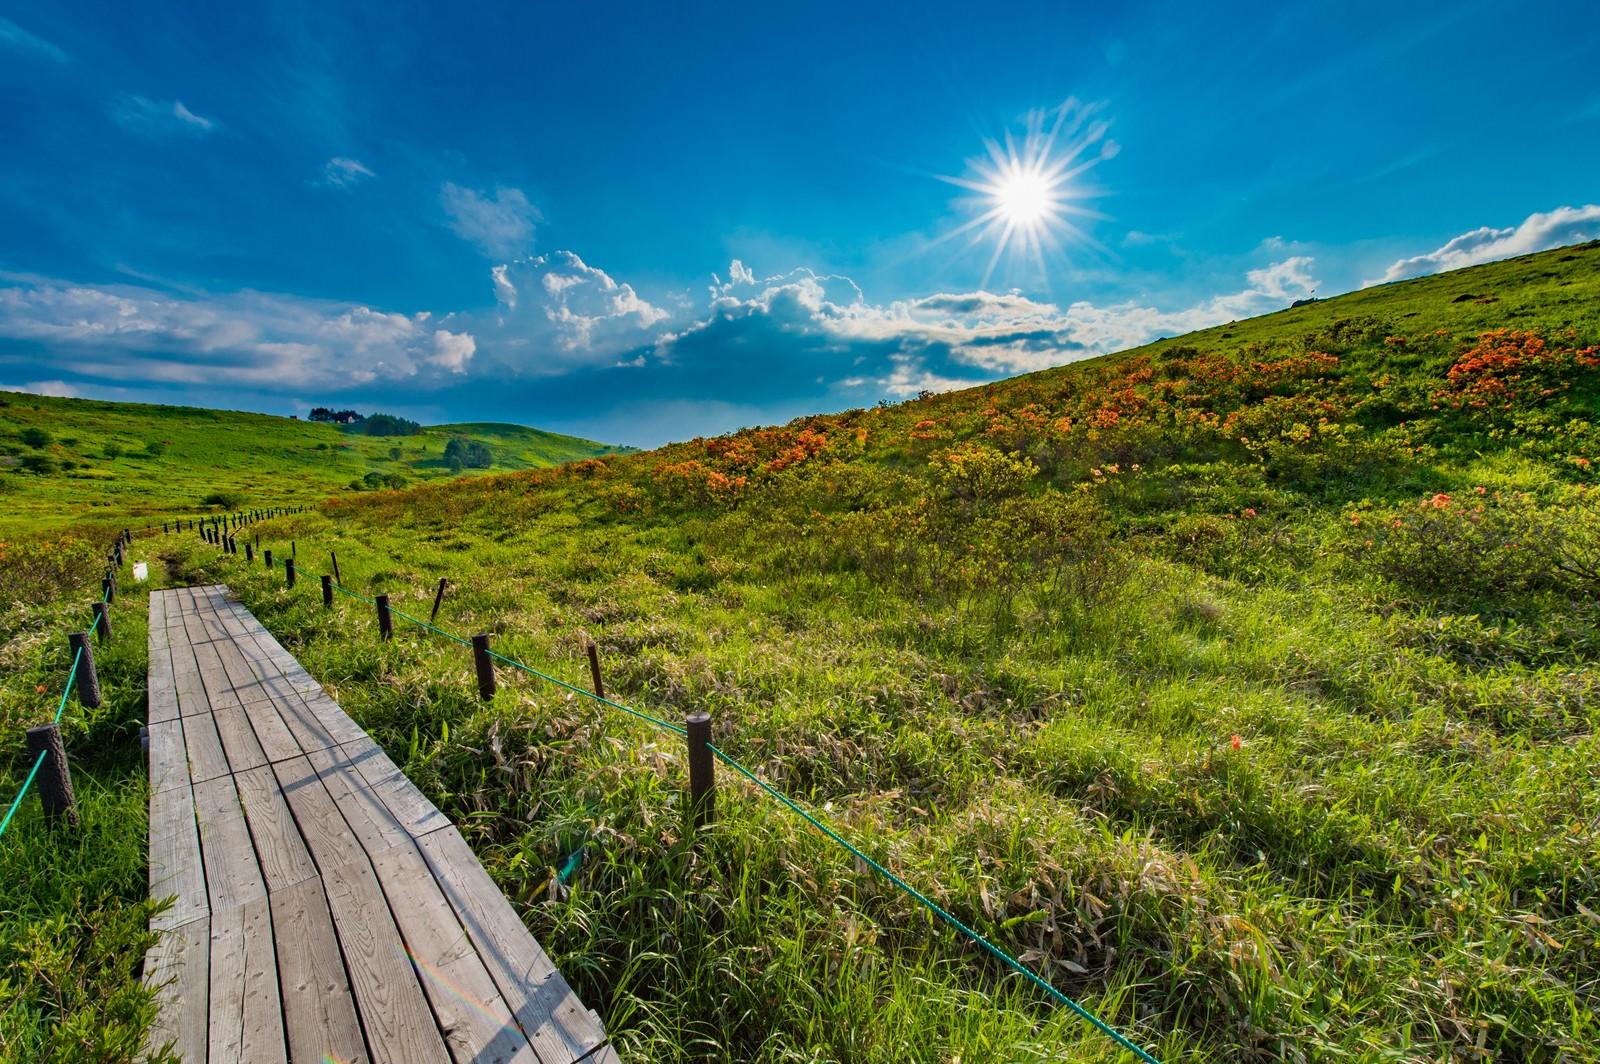 「車山高原のハイキングコース」の写真